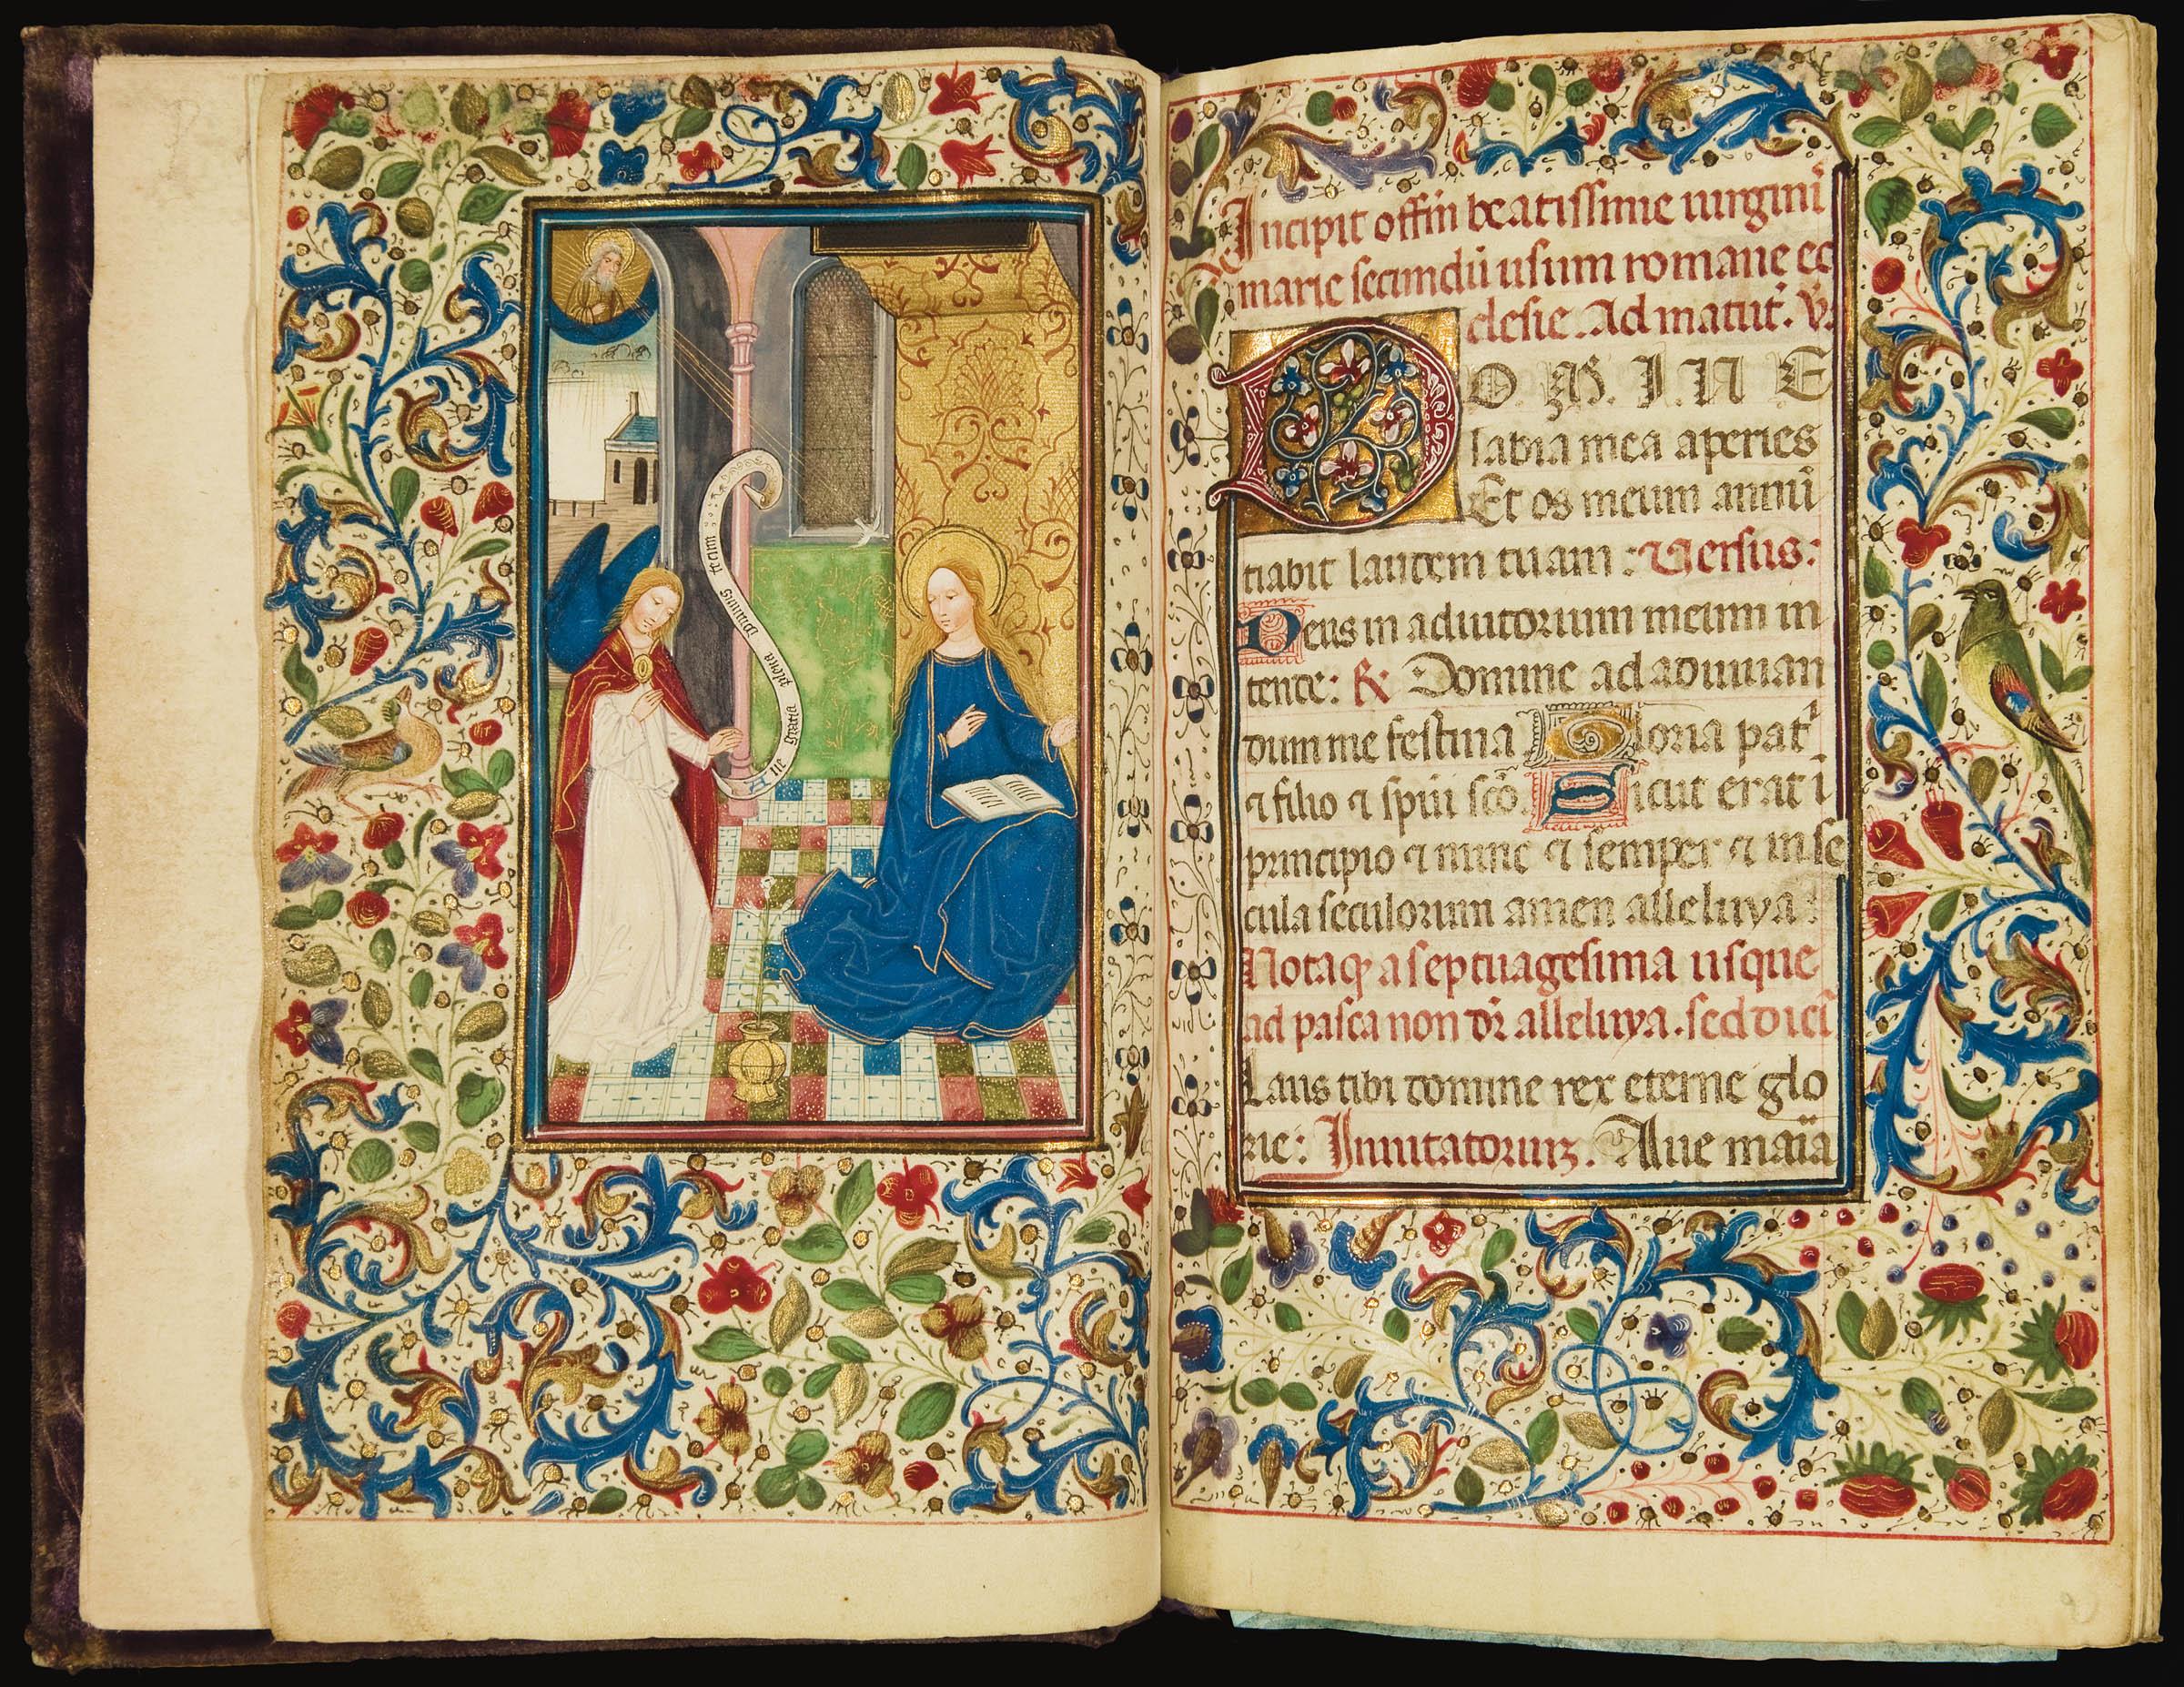 LIVRE D'HEURES, à l'usage de Rome, en latin, MANUSCRIT ENLUMINÉ SUR VÉLIN